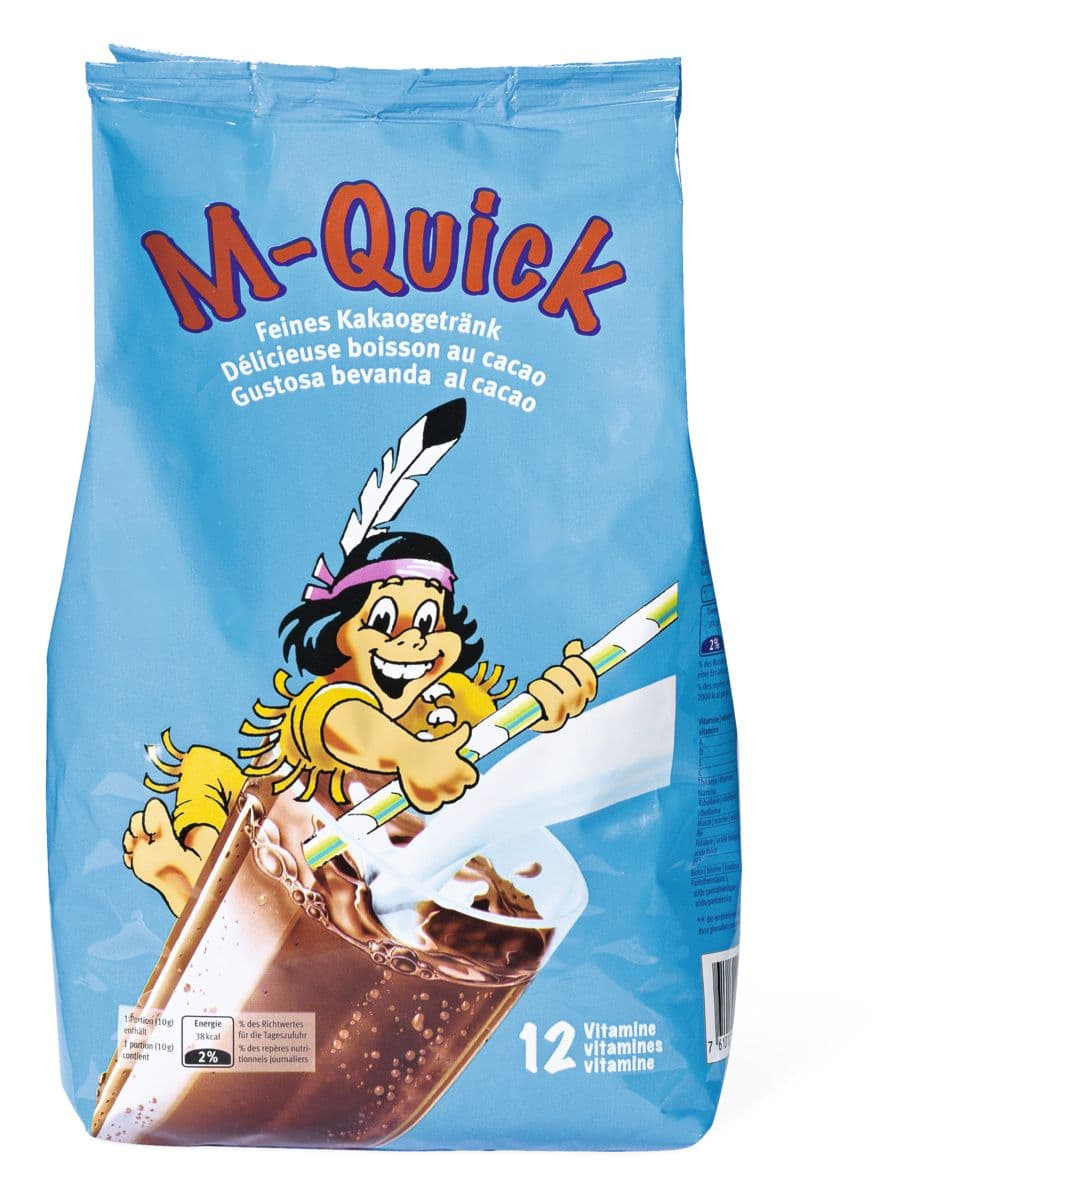 M-Quick Boisson au cacao